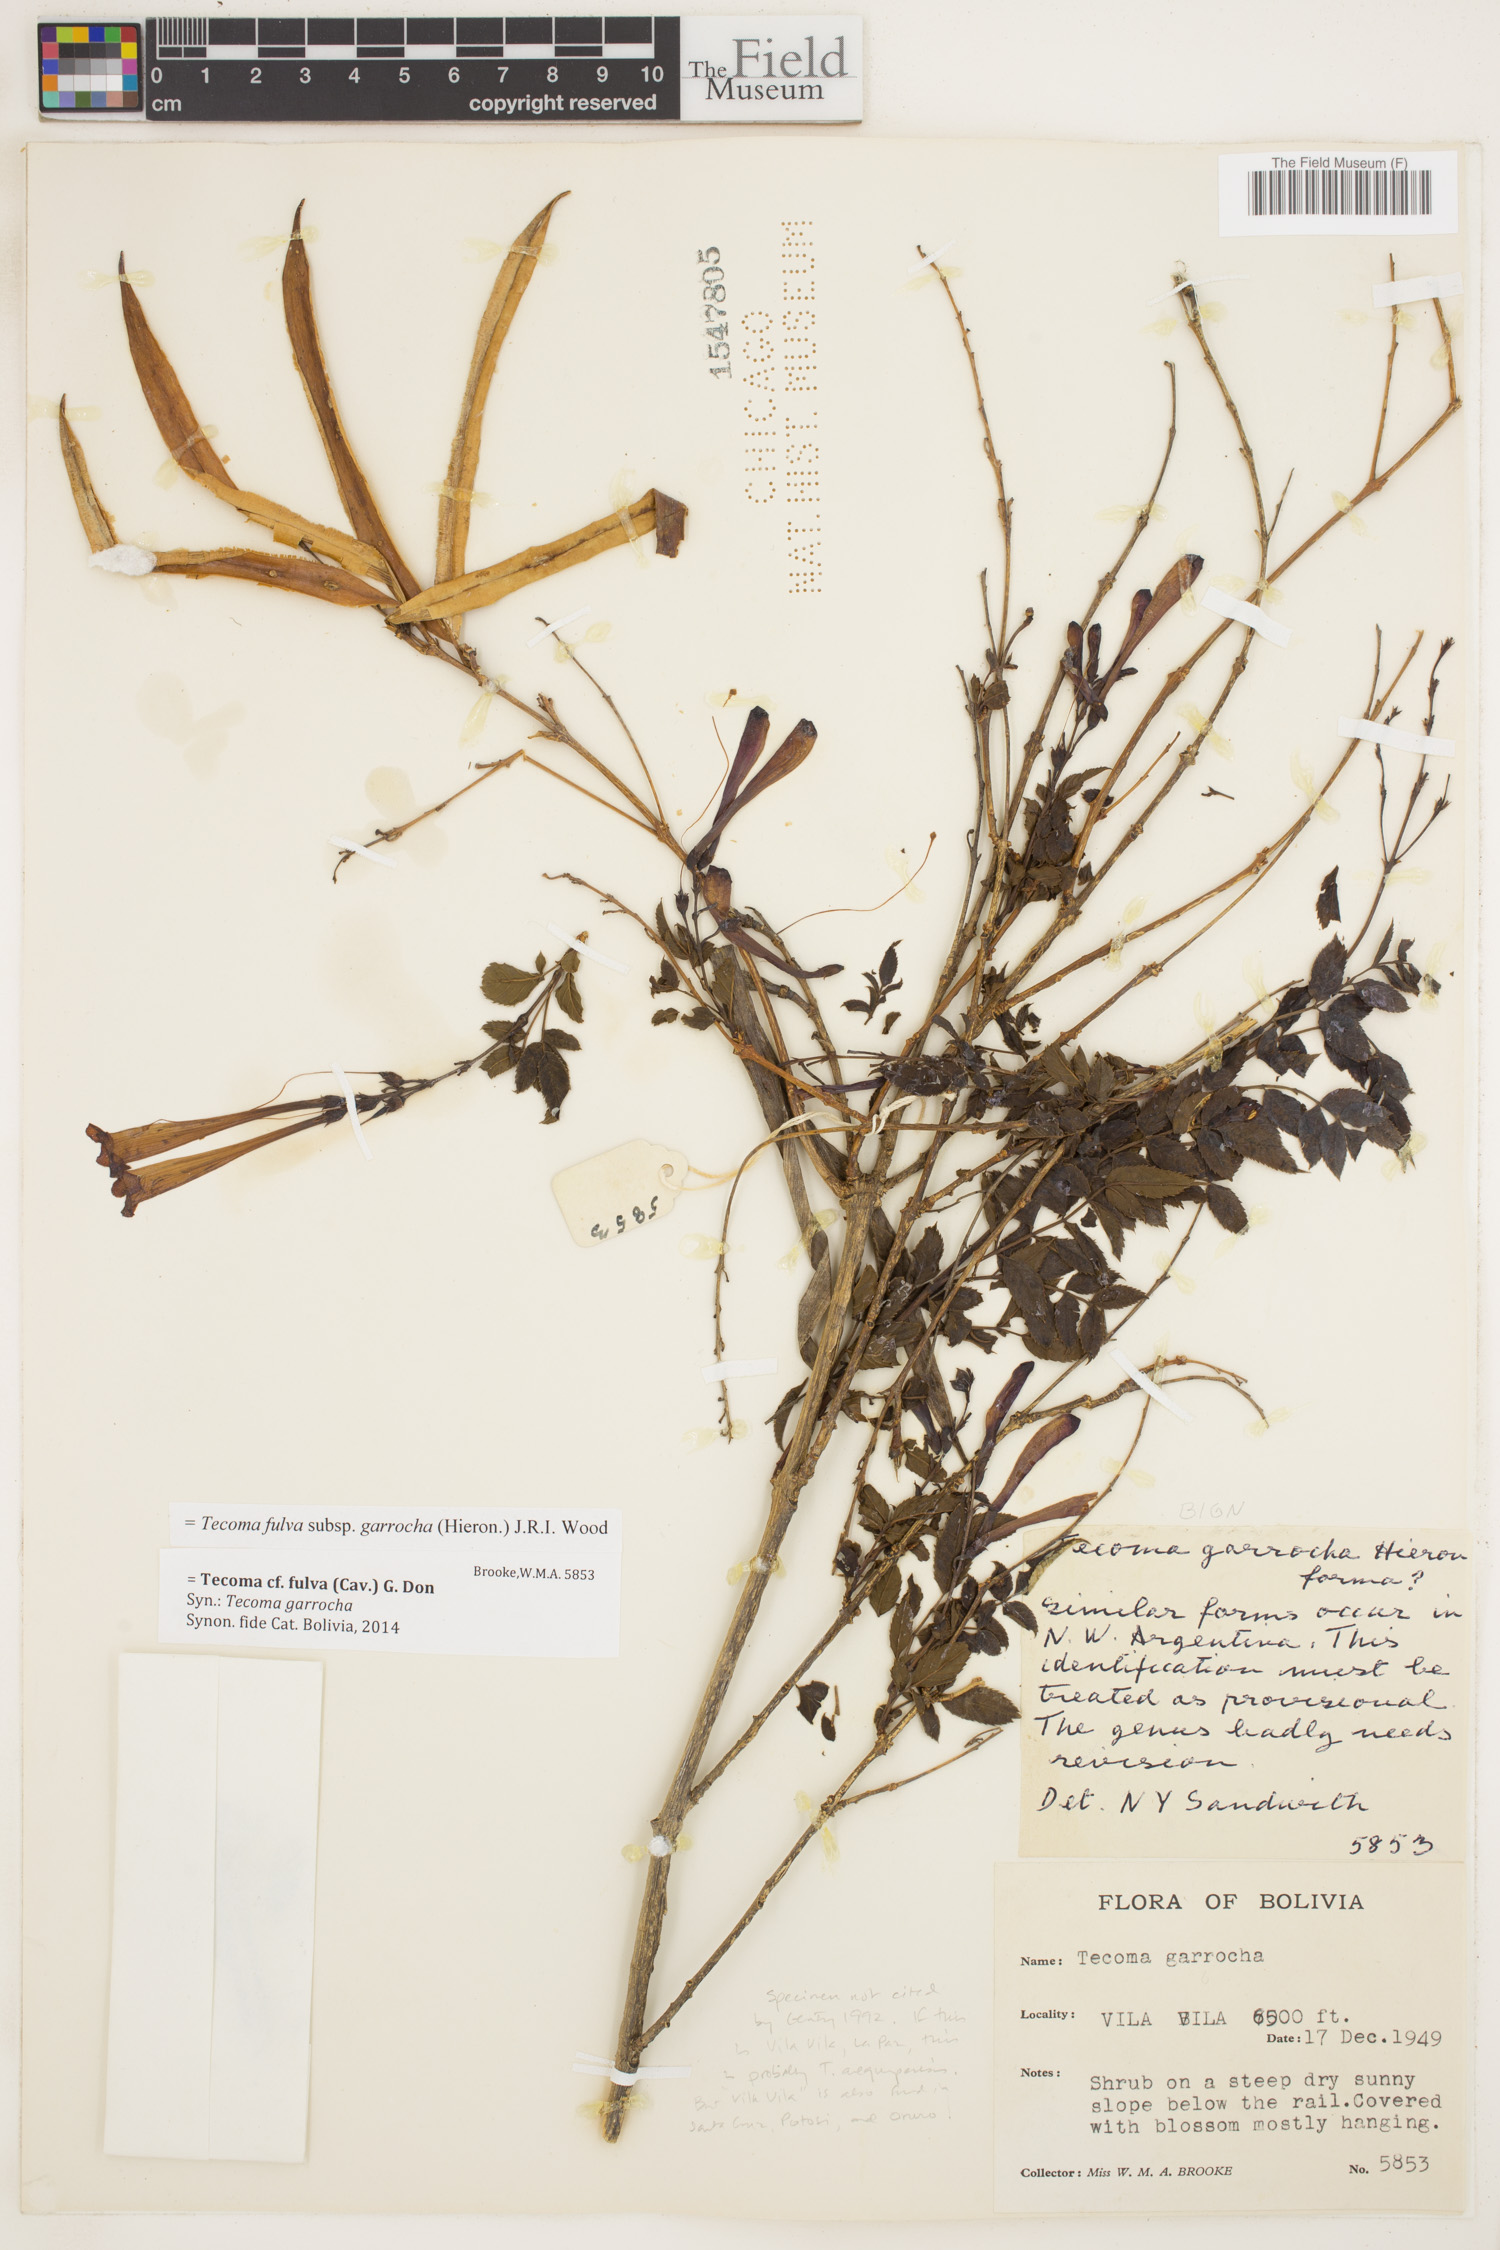 Specimen: Tecoma tenuiflora